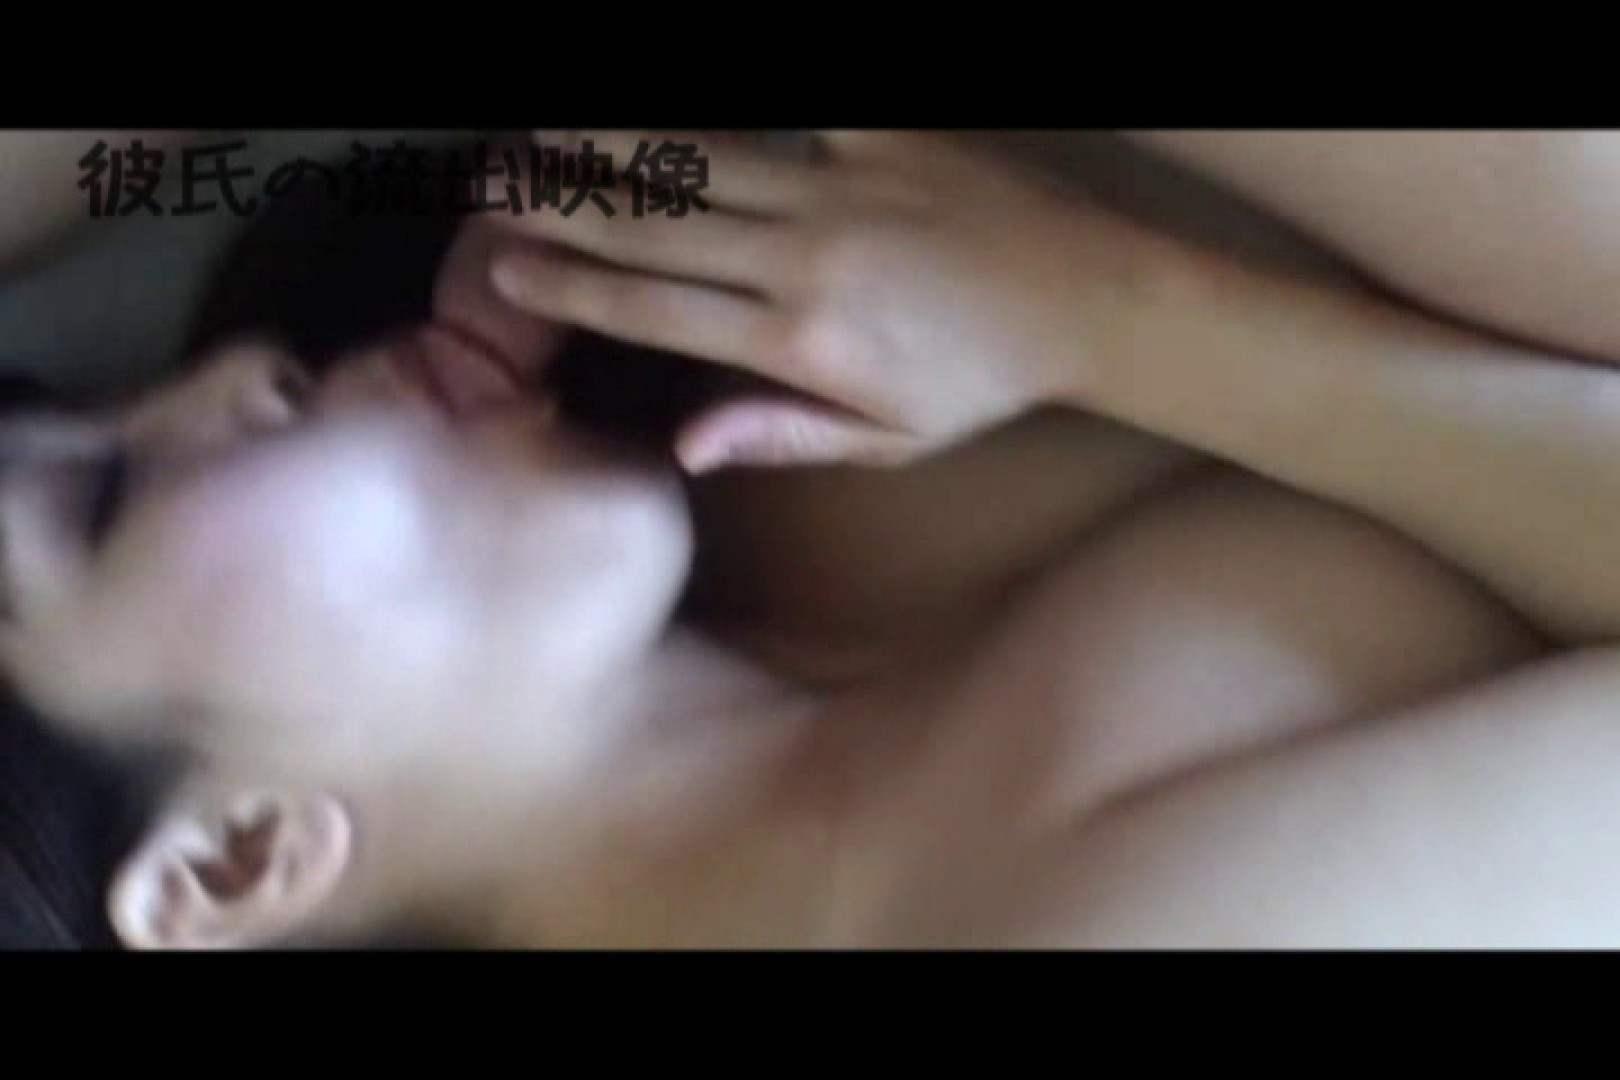 彼氏が流出 パイパン素人嬢のハメ撮り映像03 パイパン  81pic 52